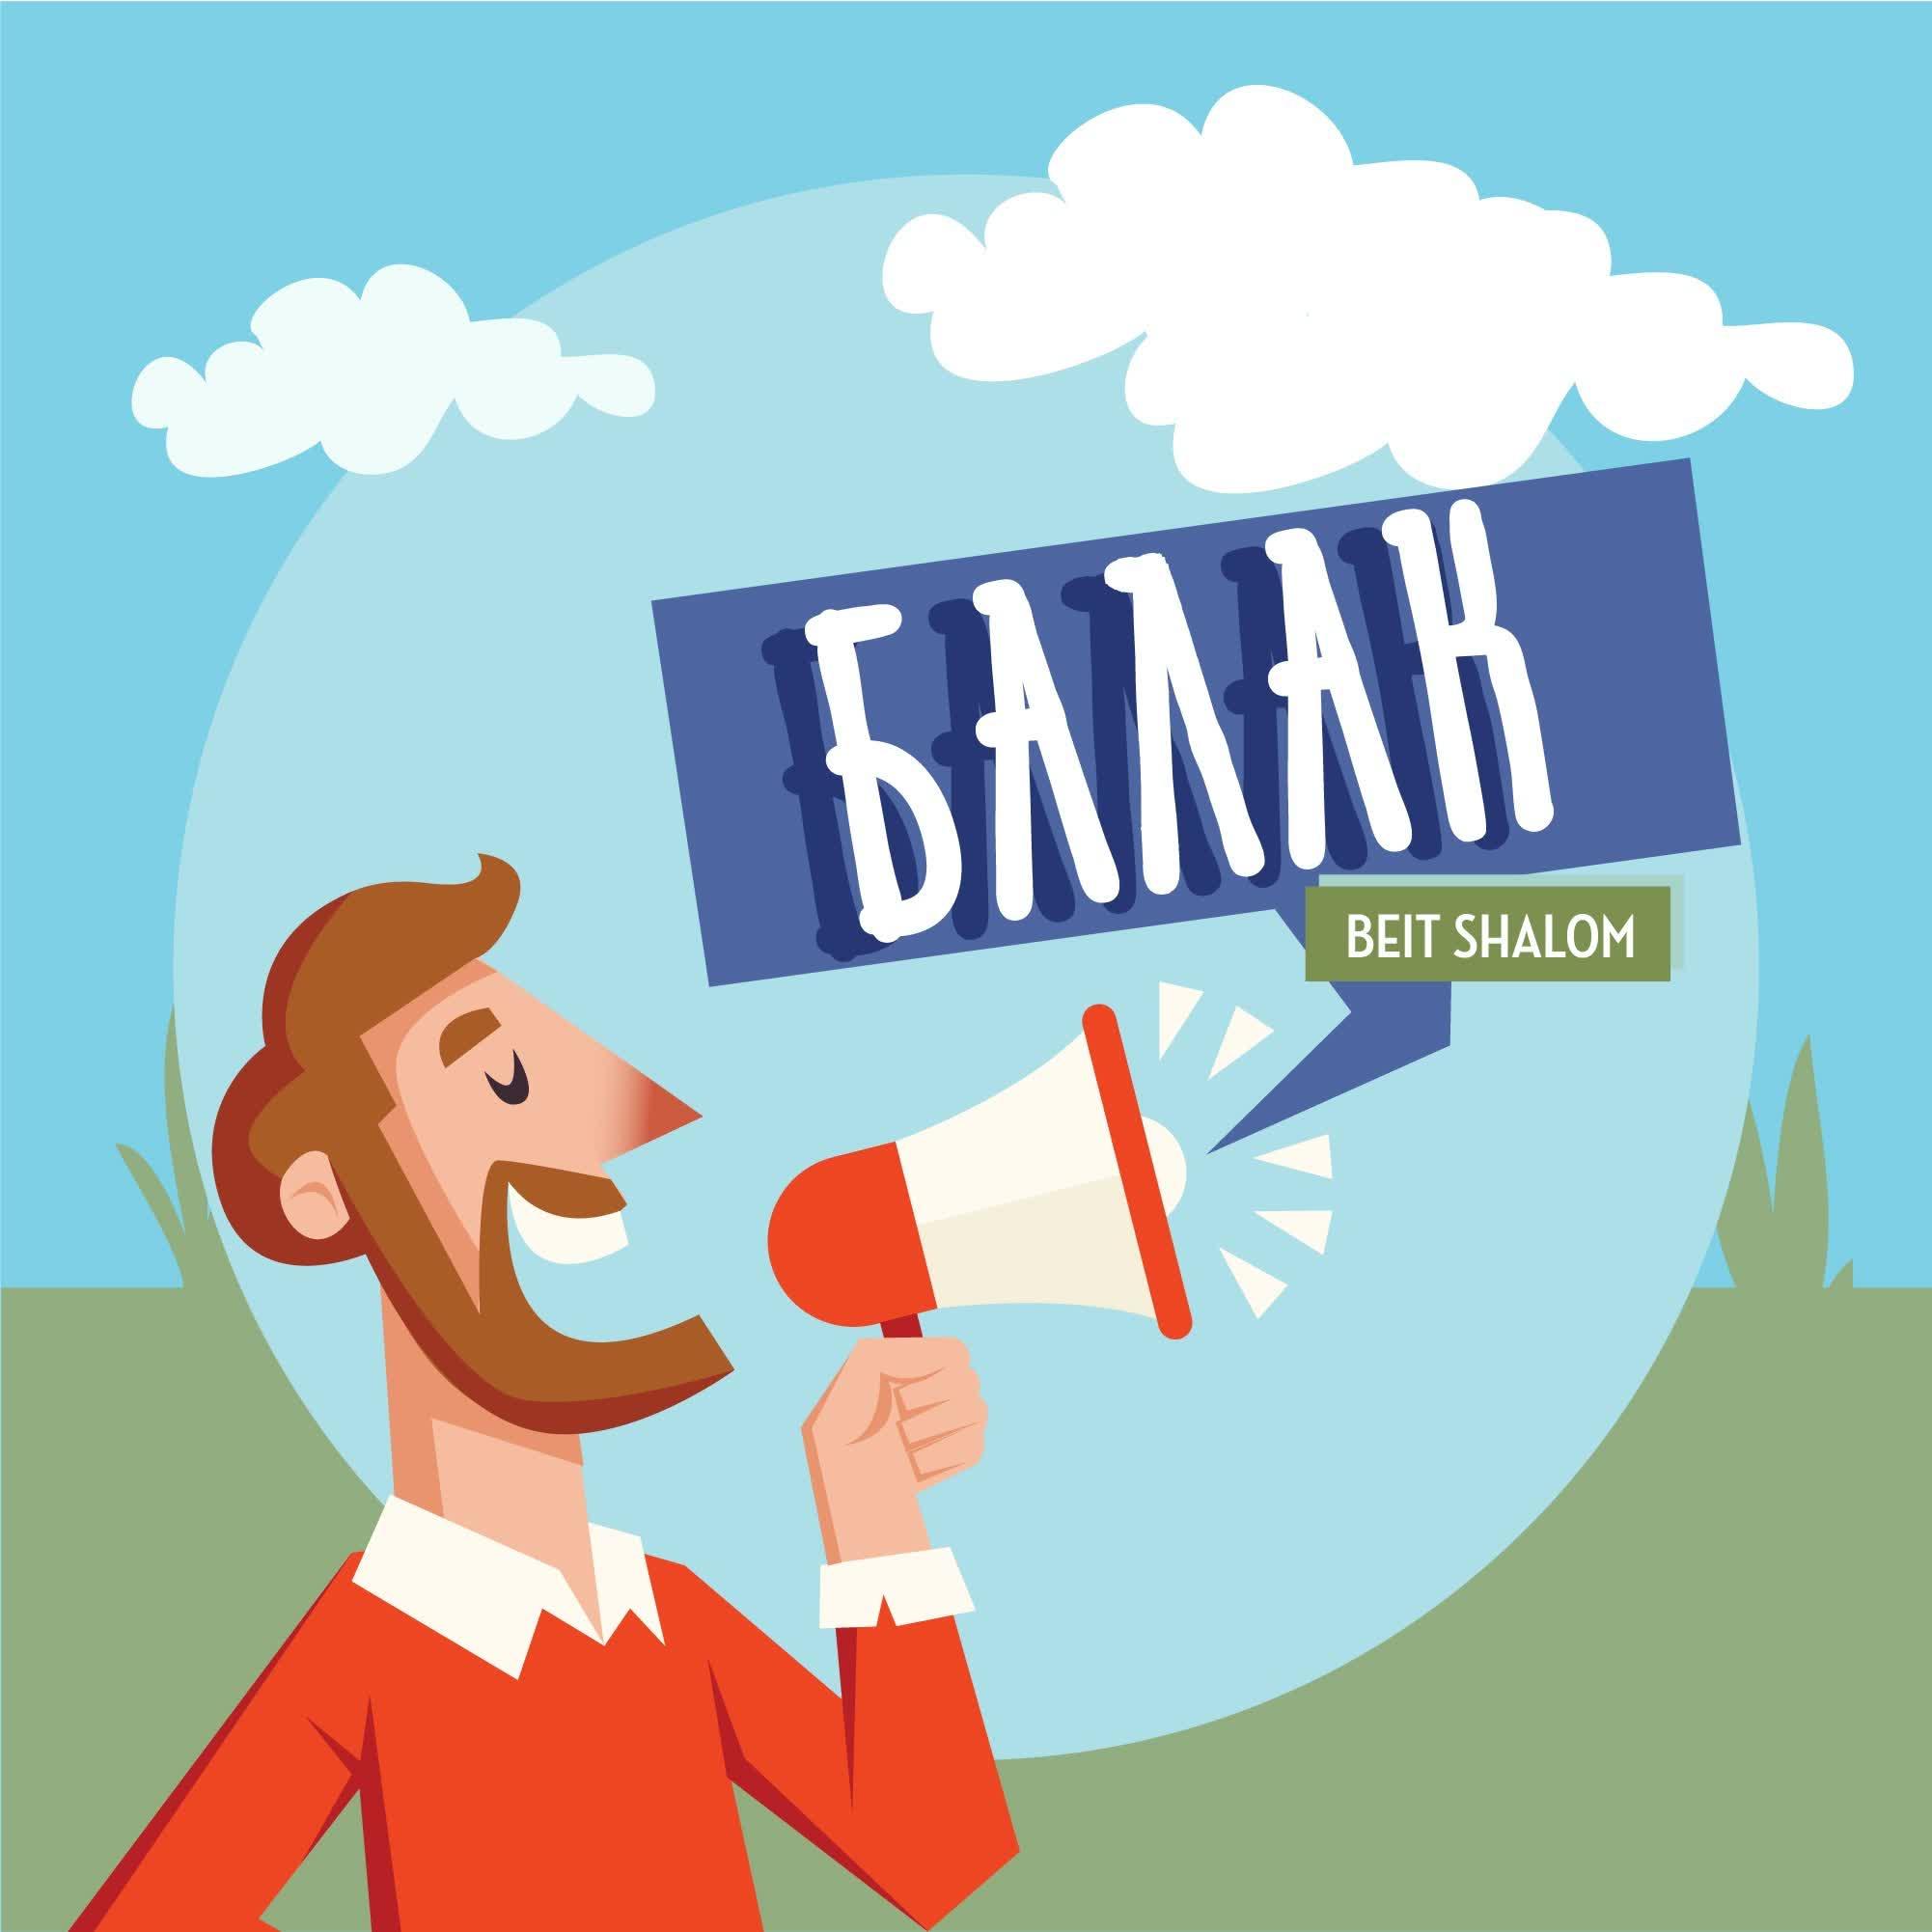 """Балак 5778 """"Всесильный не человек..."""" (А.Огиенко, 30.06.2018)"""